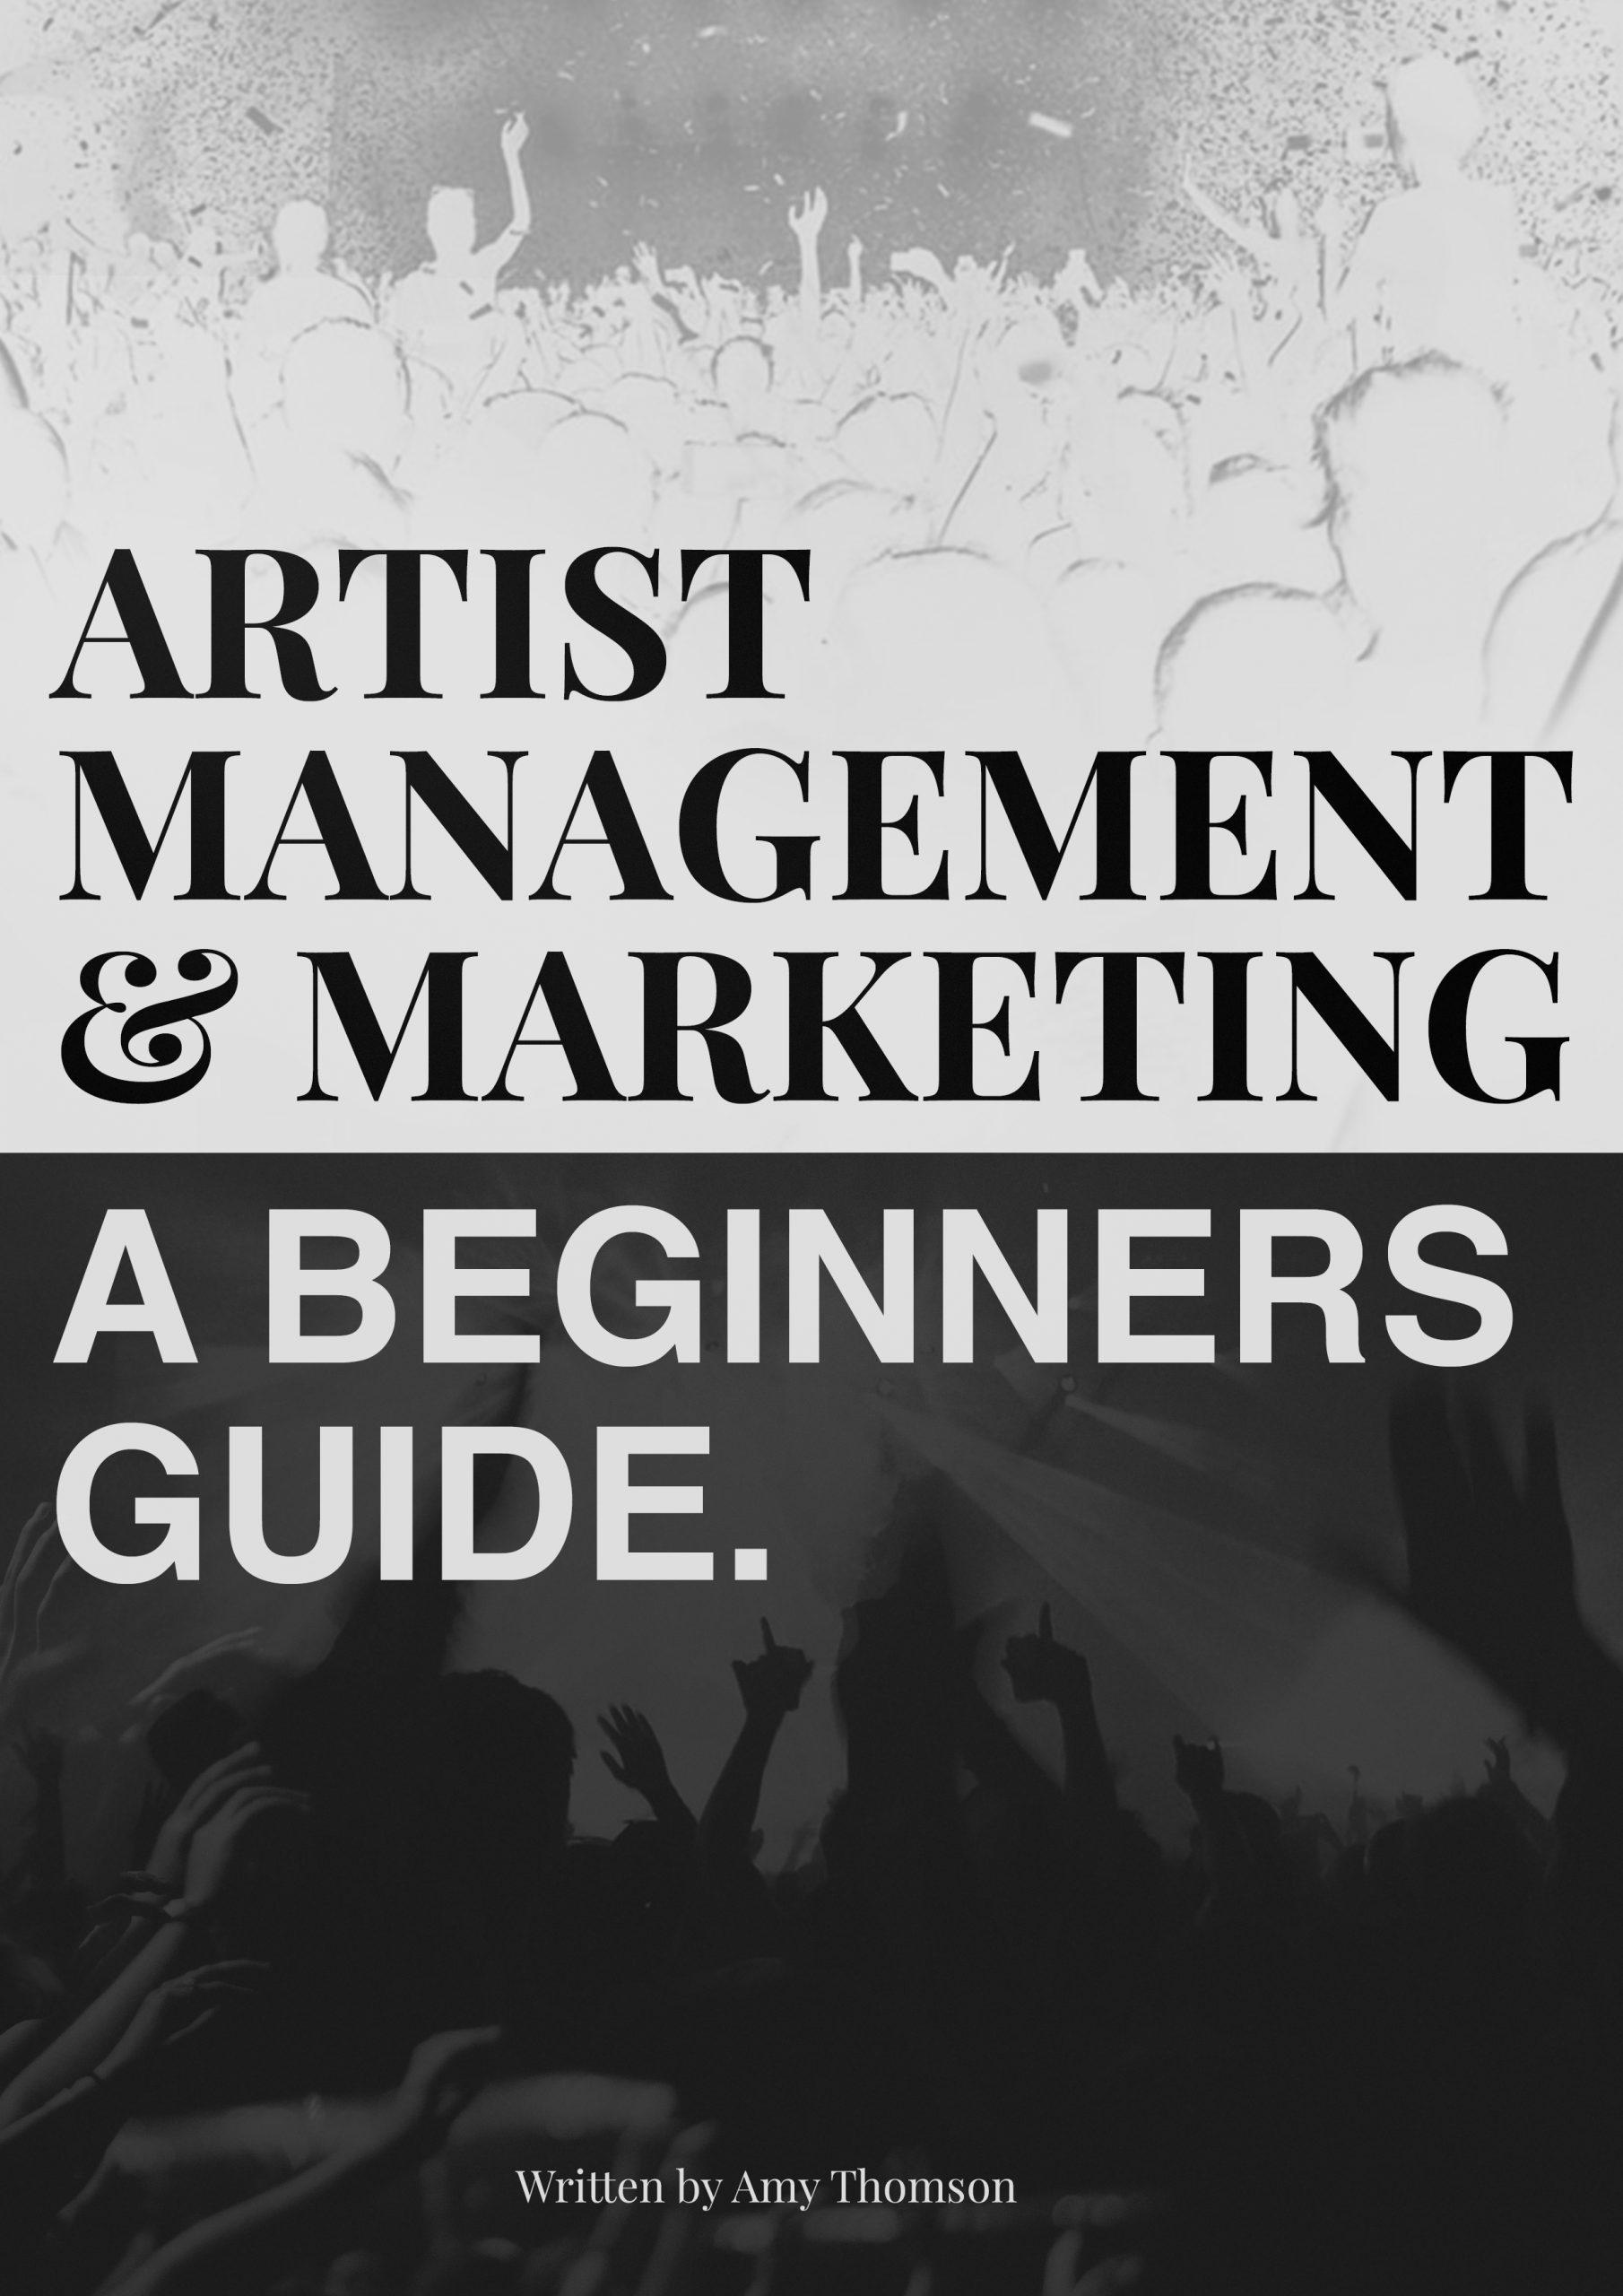 Artist Management & Marketing